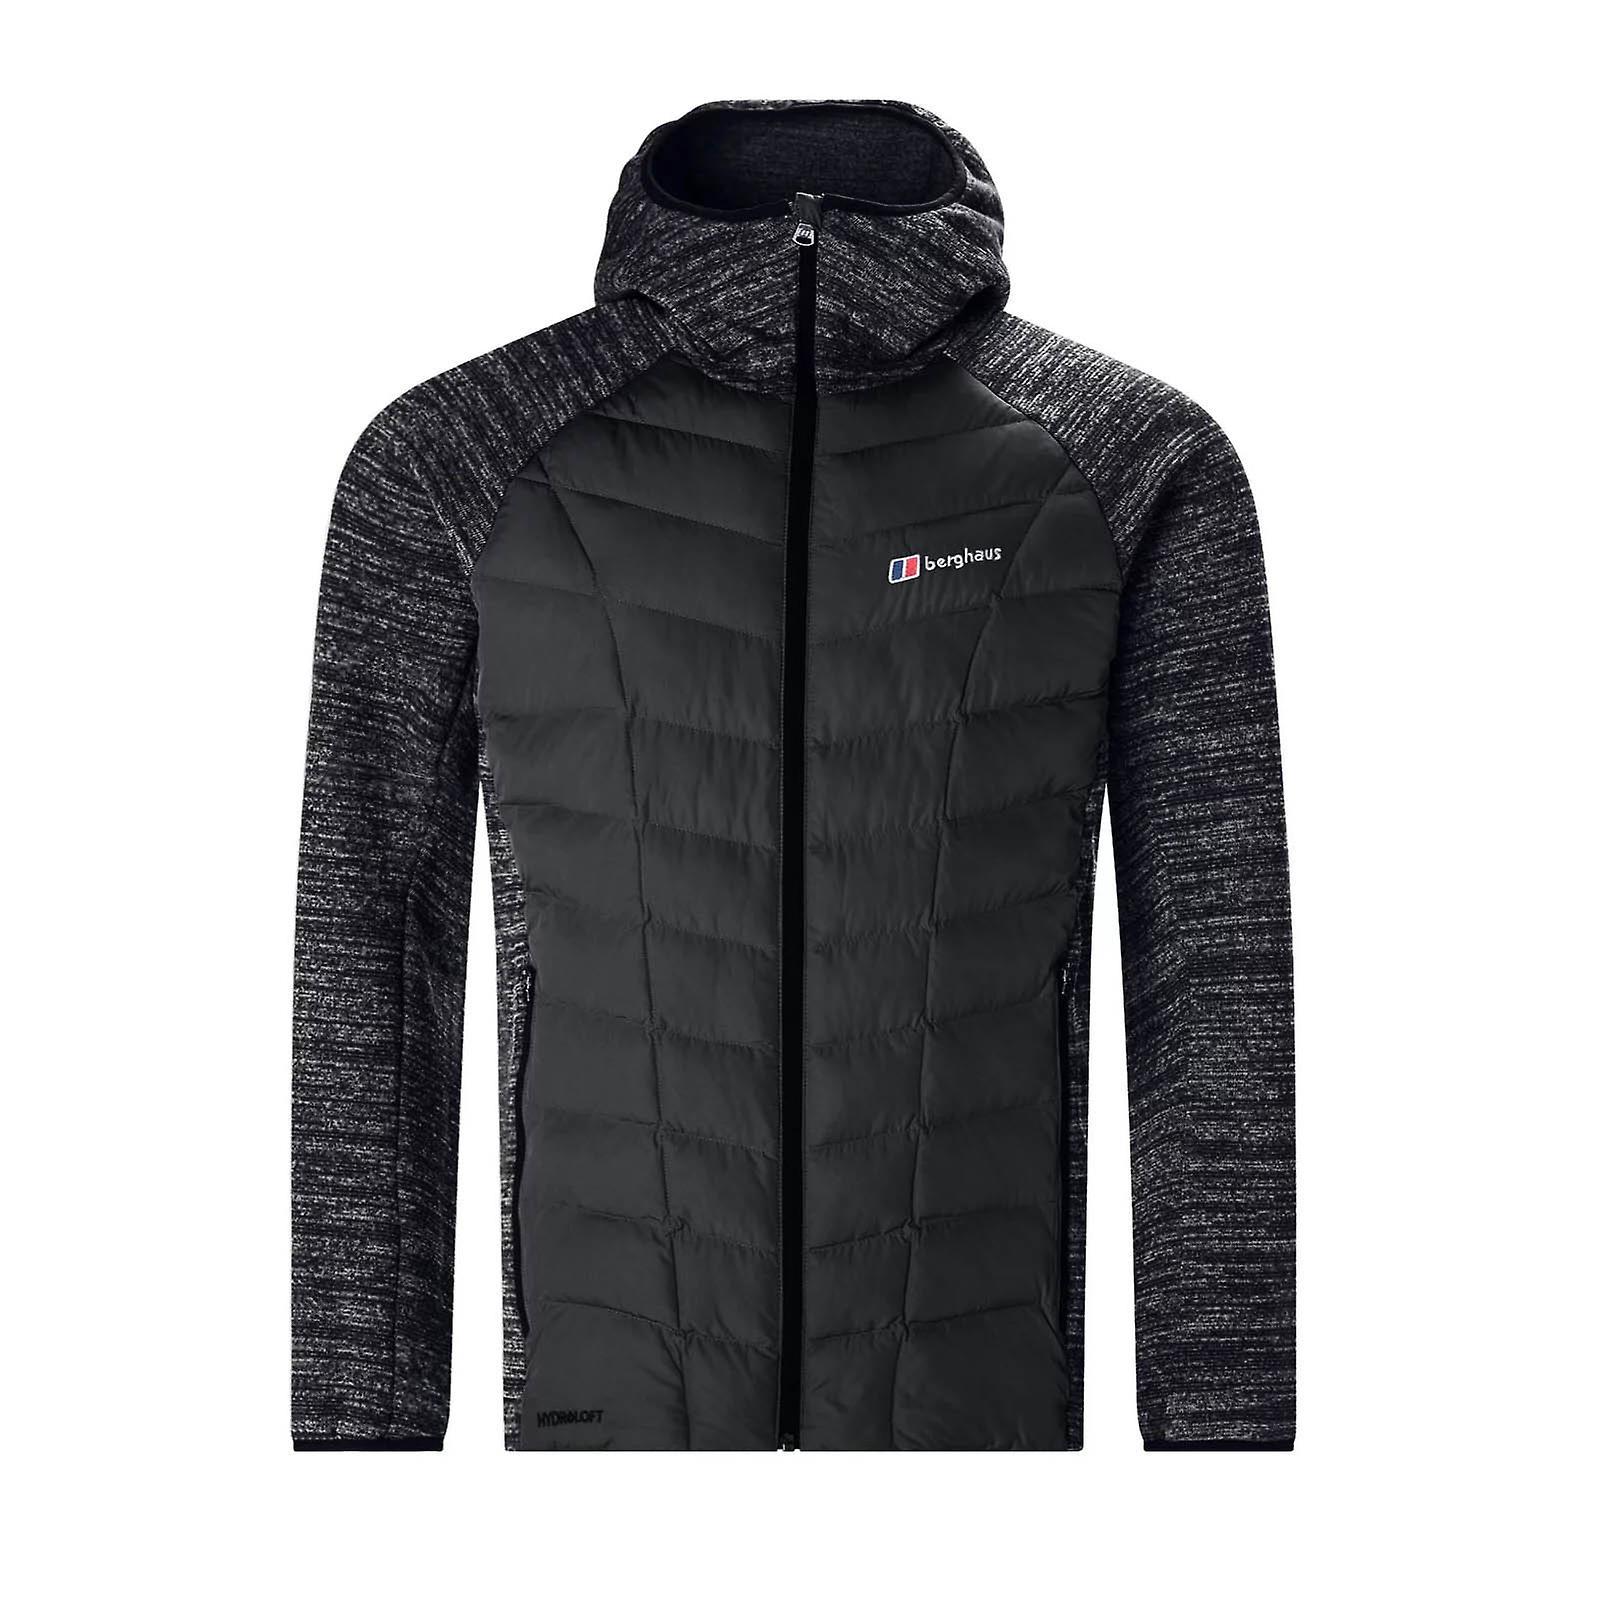 Berghaus Duneline Hybrid Fleece Mens Insulated Hooded Jacket Black